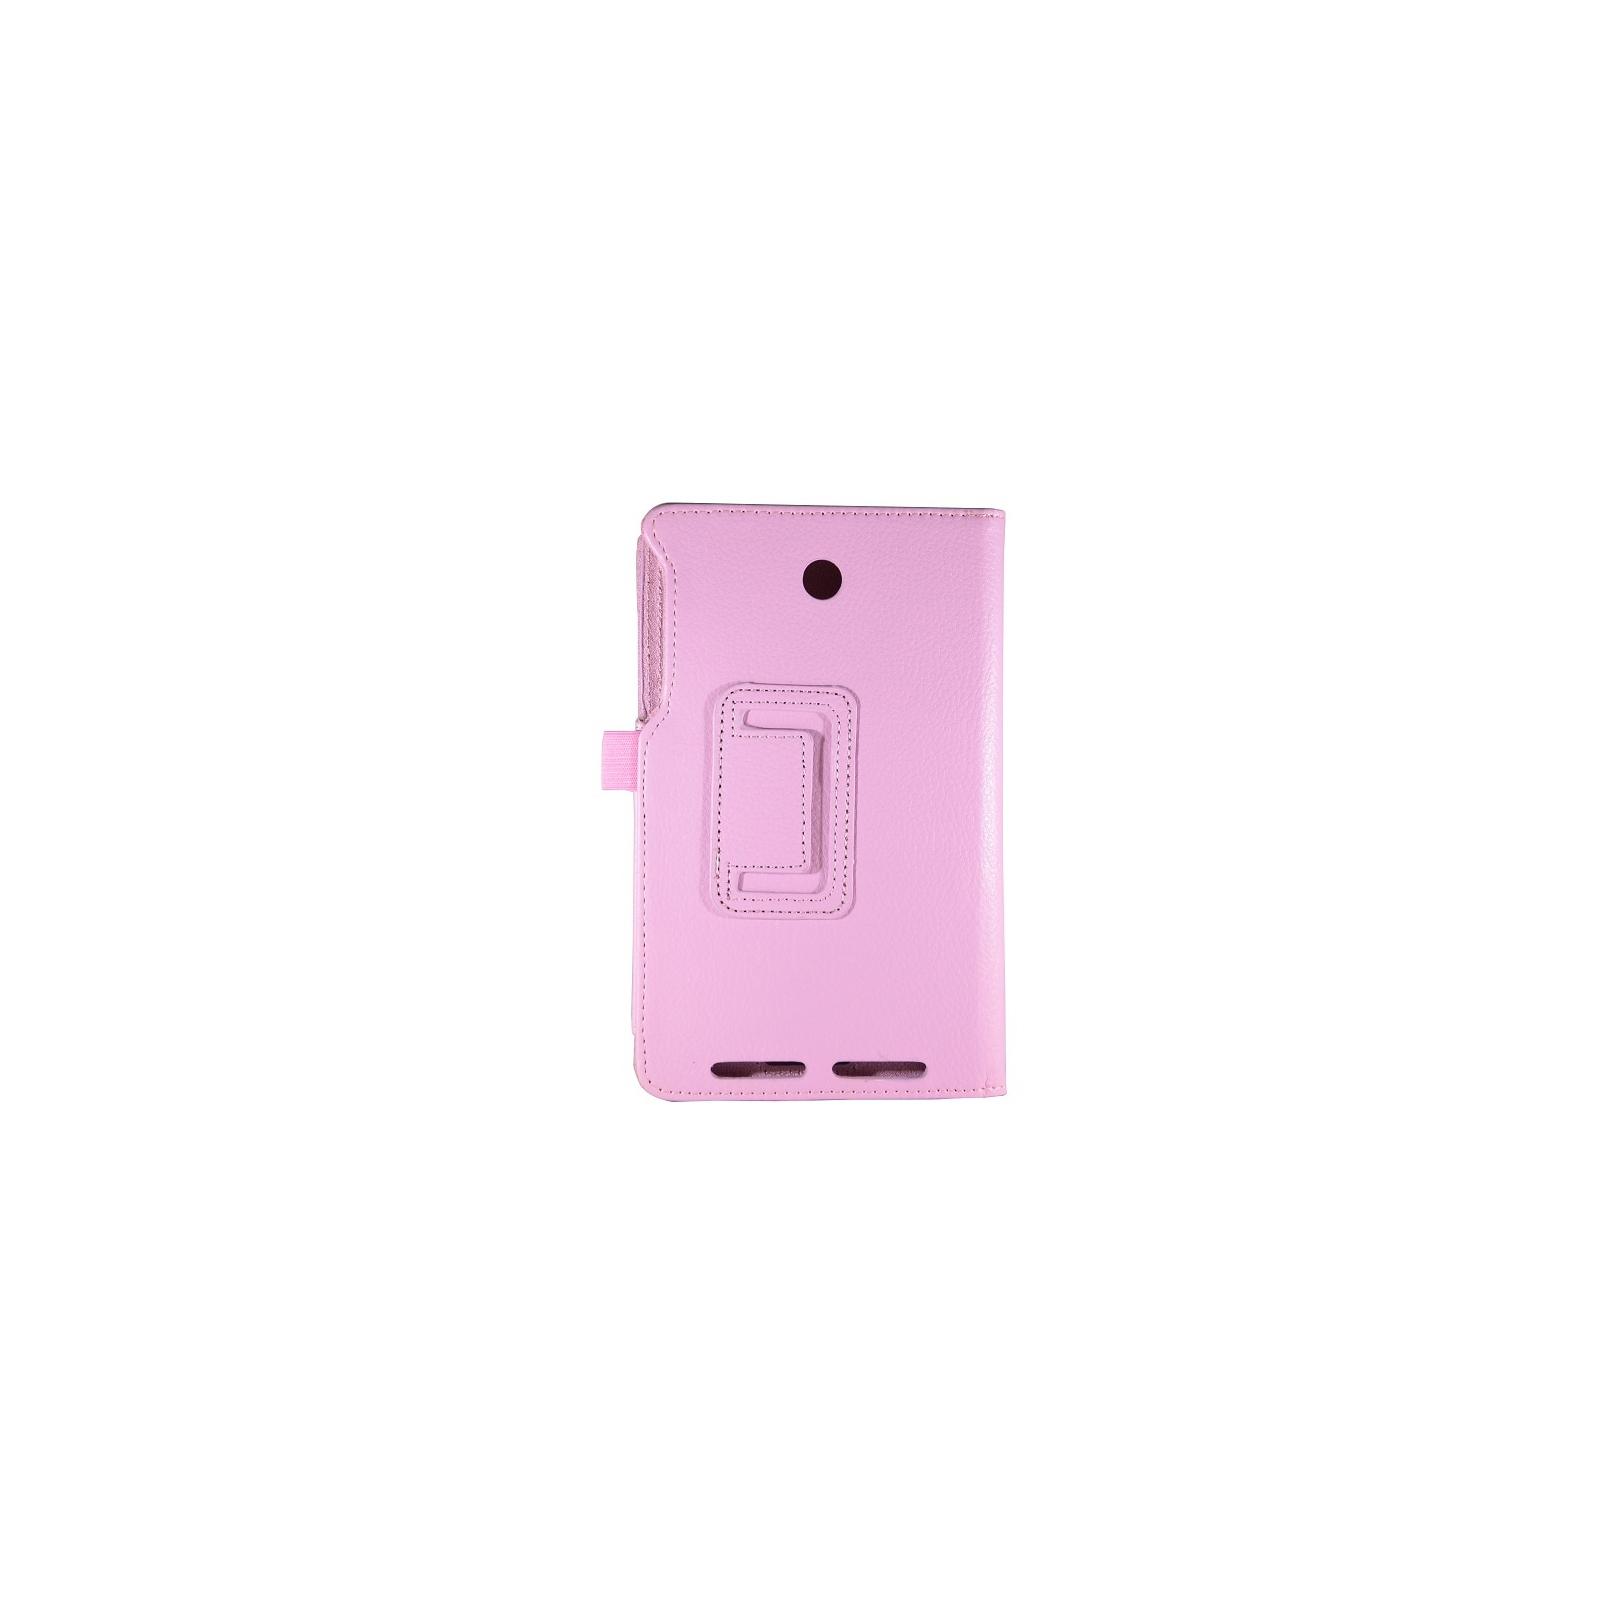 """Чехол для планшета Pro-case 7"""" Asus MeMOPad HD 7 ME176 pink (ME176p) изображение 2"""